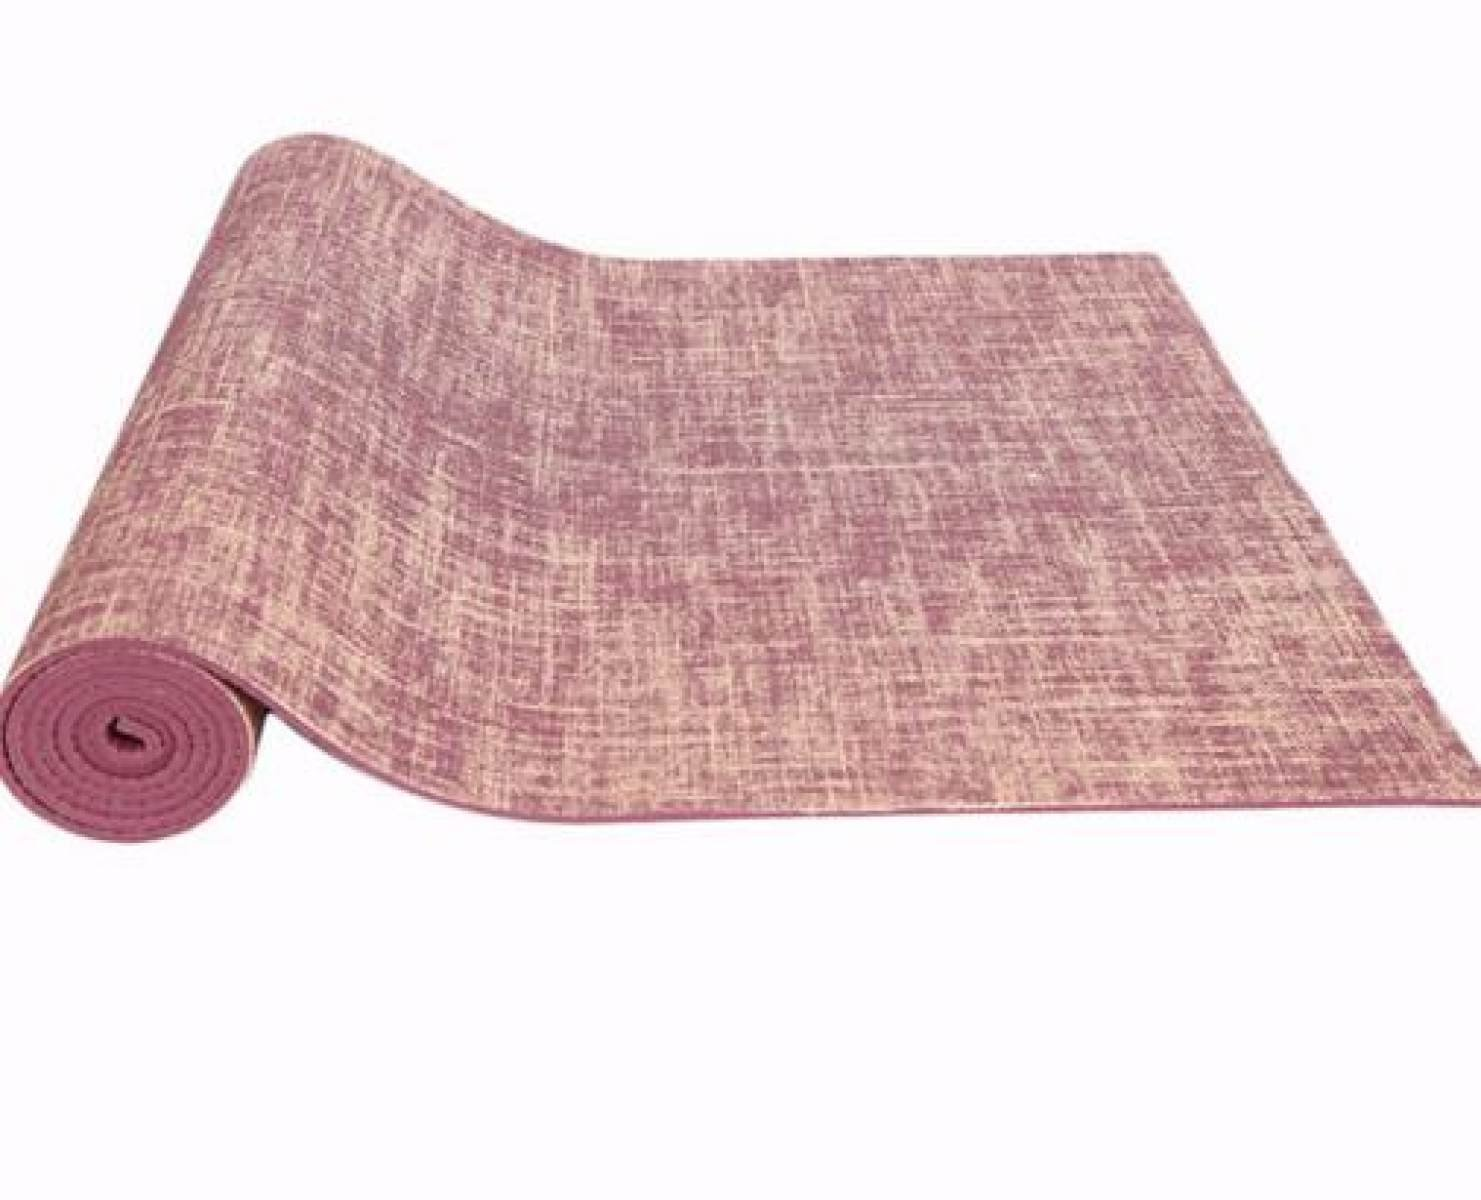 ZHANGHAOBO Leinen Yoga Matte Verlängerung Fitness Mat Aus Kissen Anti-Rutsch Falten Yoga Mat,A3